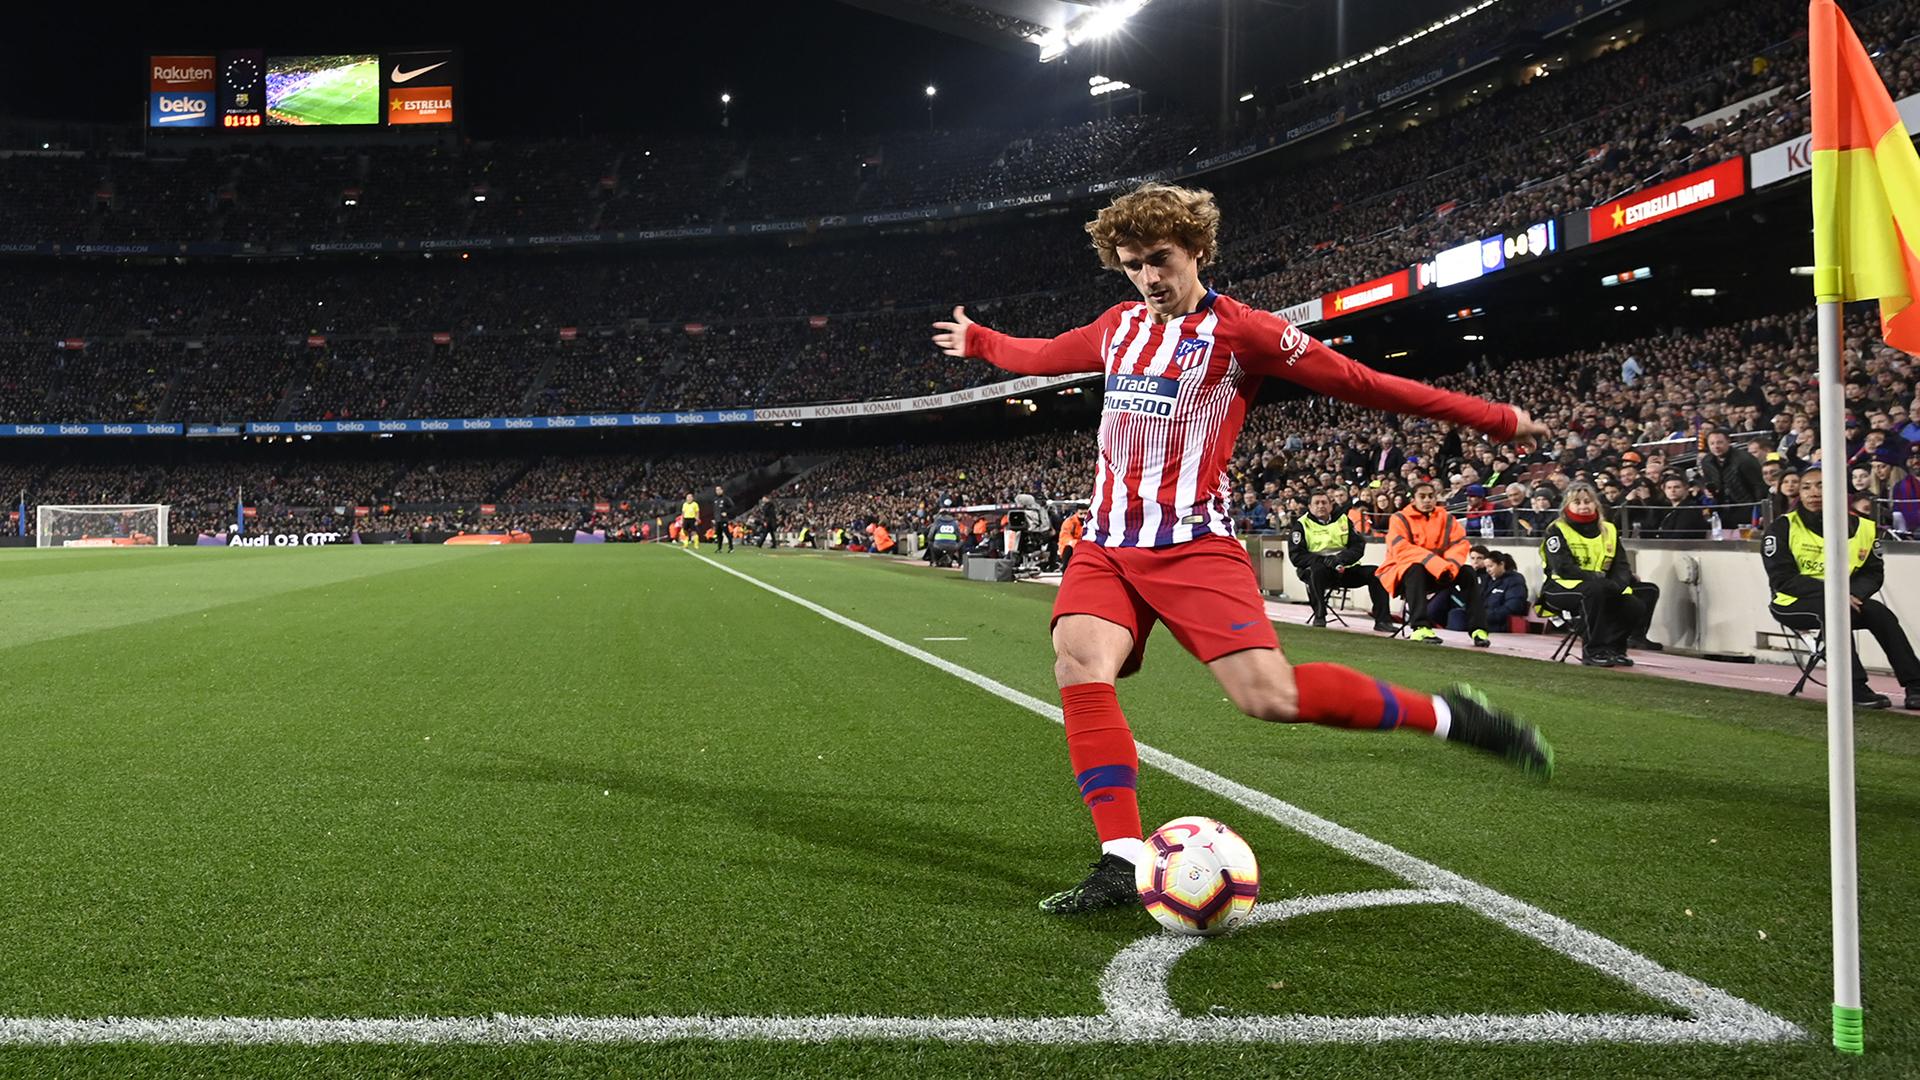 Mercato - Barça : pour céder Antoine Griezmann à moins de 120 M¬, l'Atletico Madrid réclame Nelson Semedo